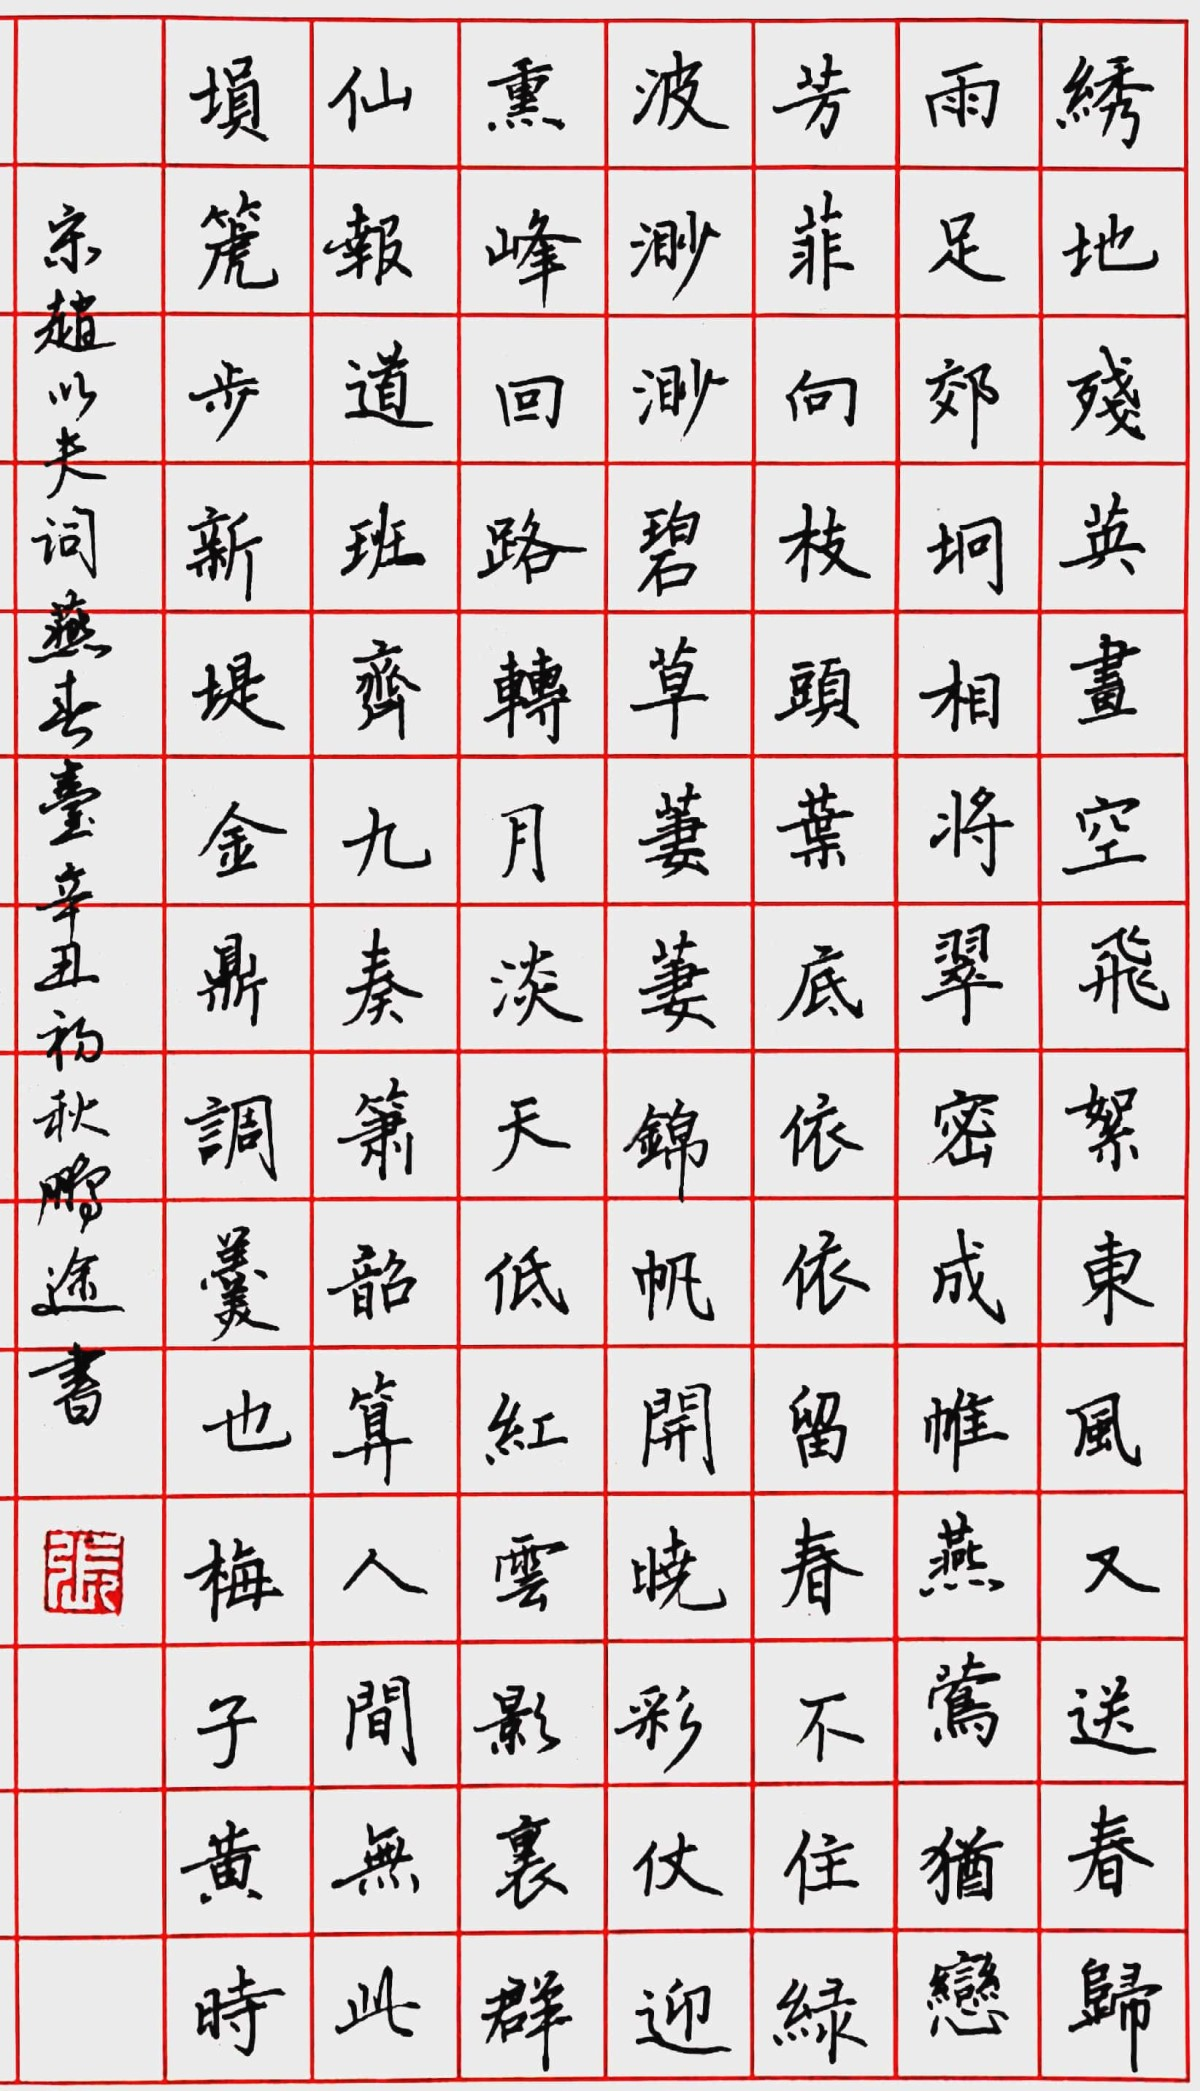 钢笔书法练字打卡20210817-12